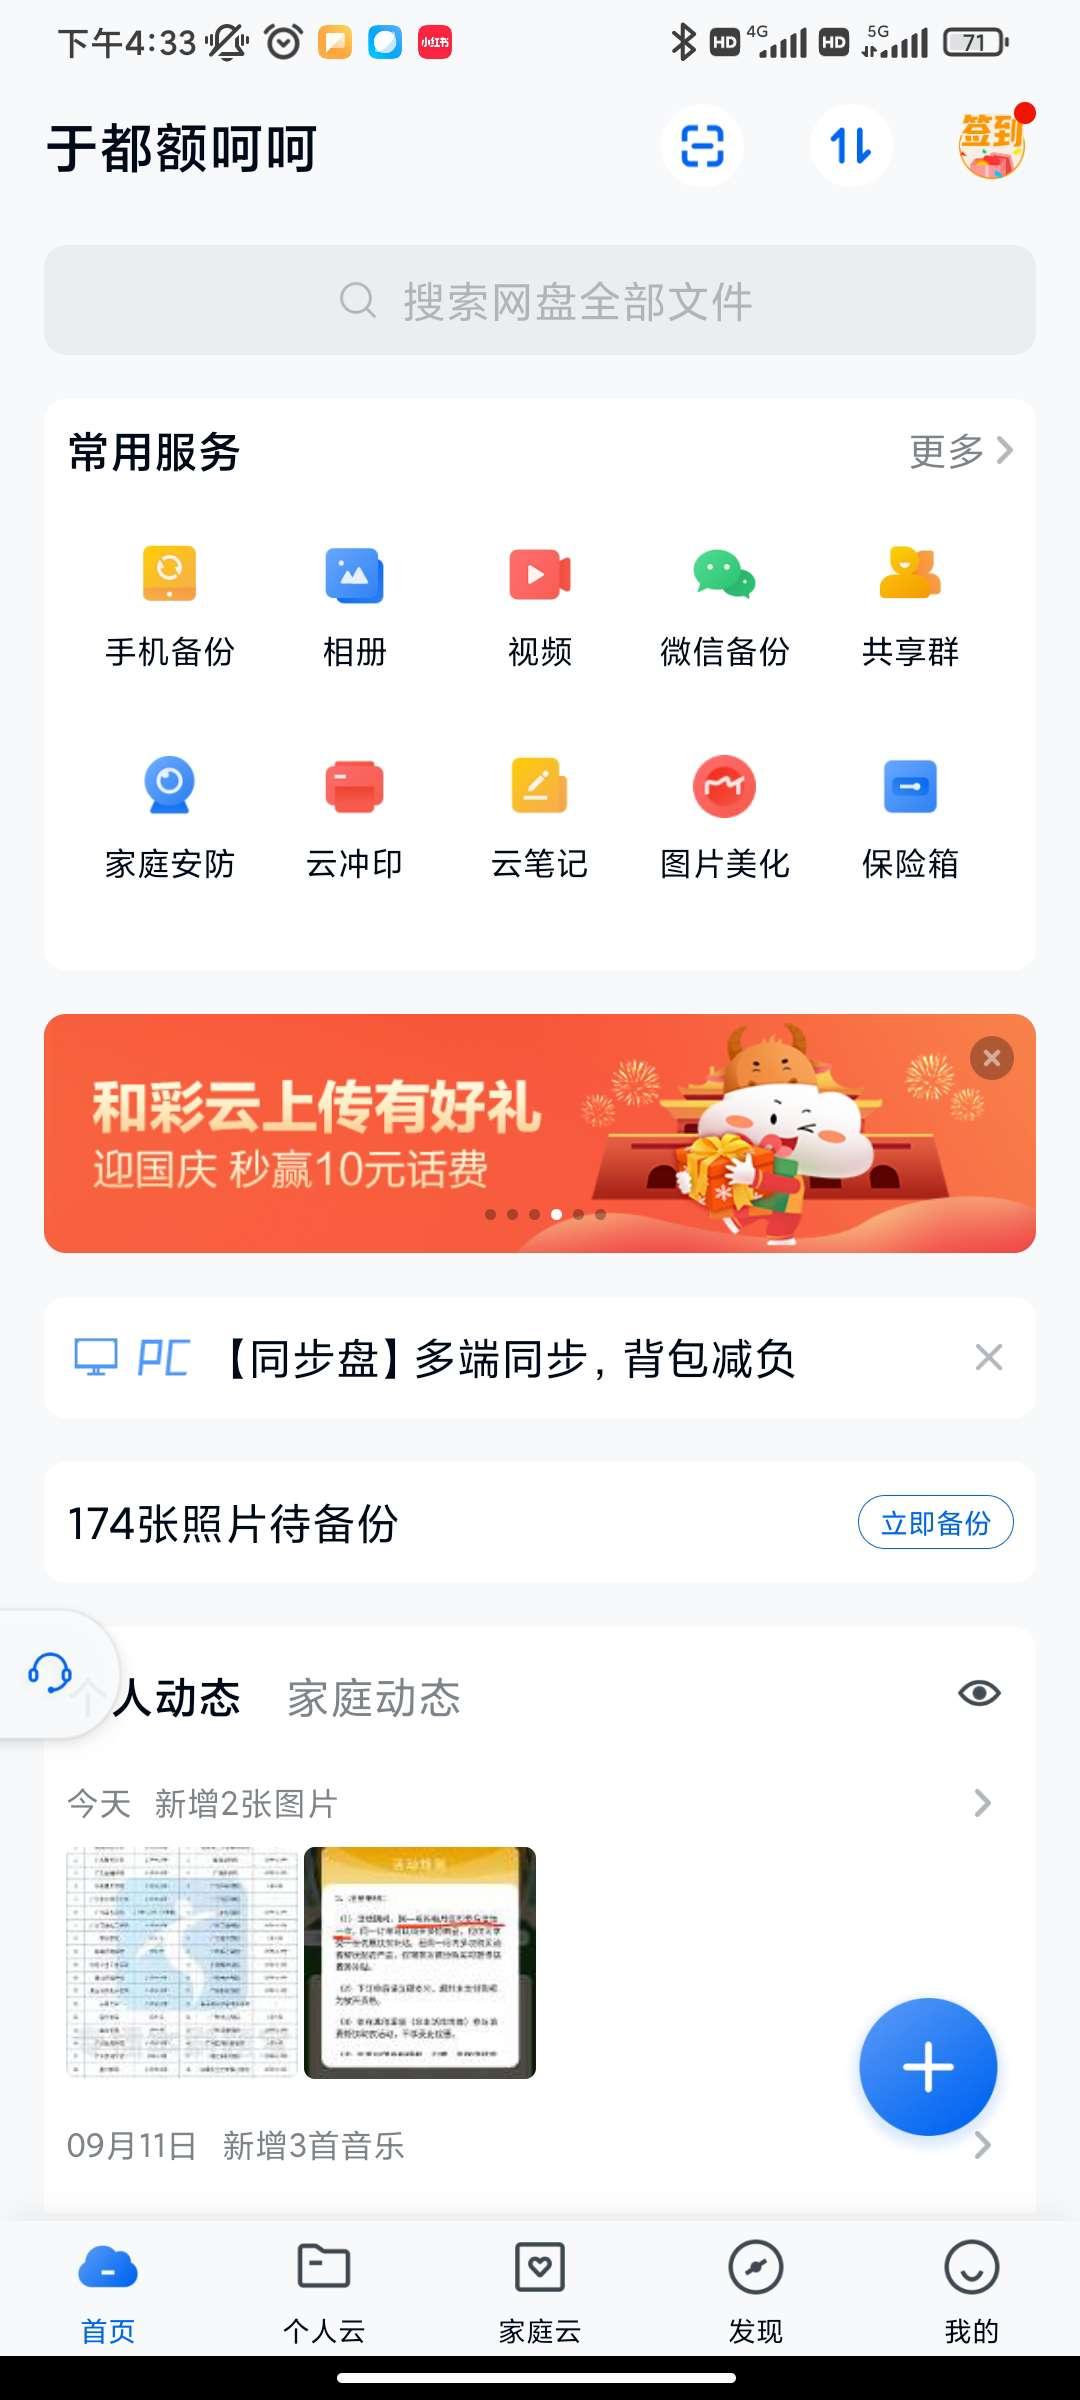 广东省客户免费下载和彩云得十元手机话费插图